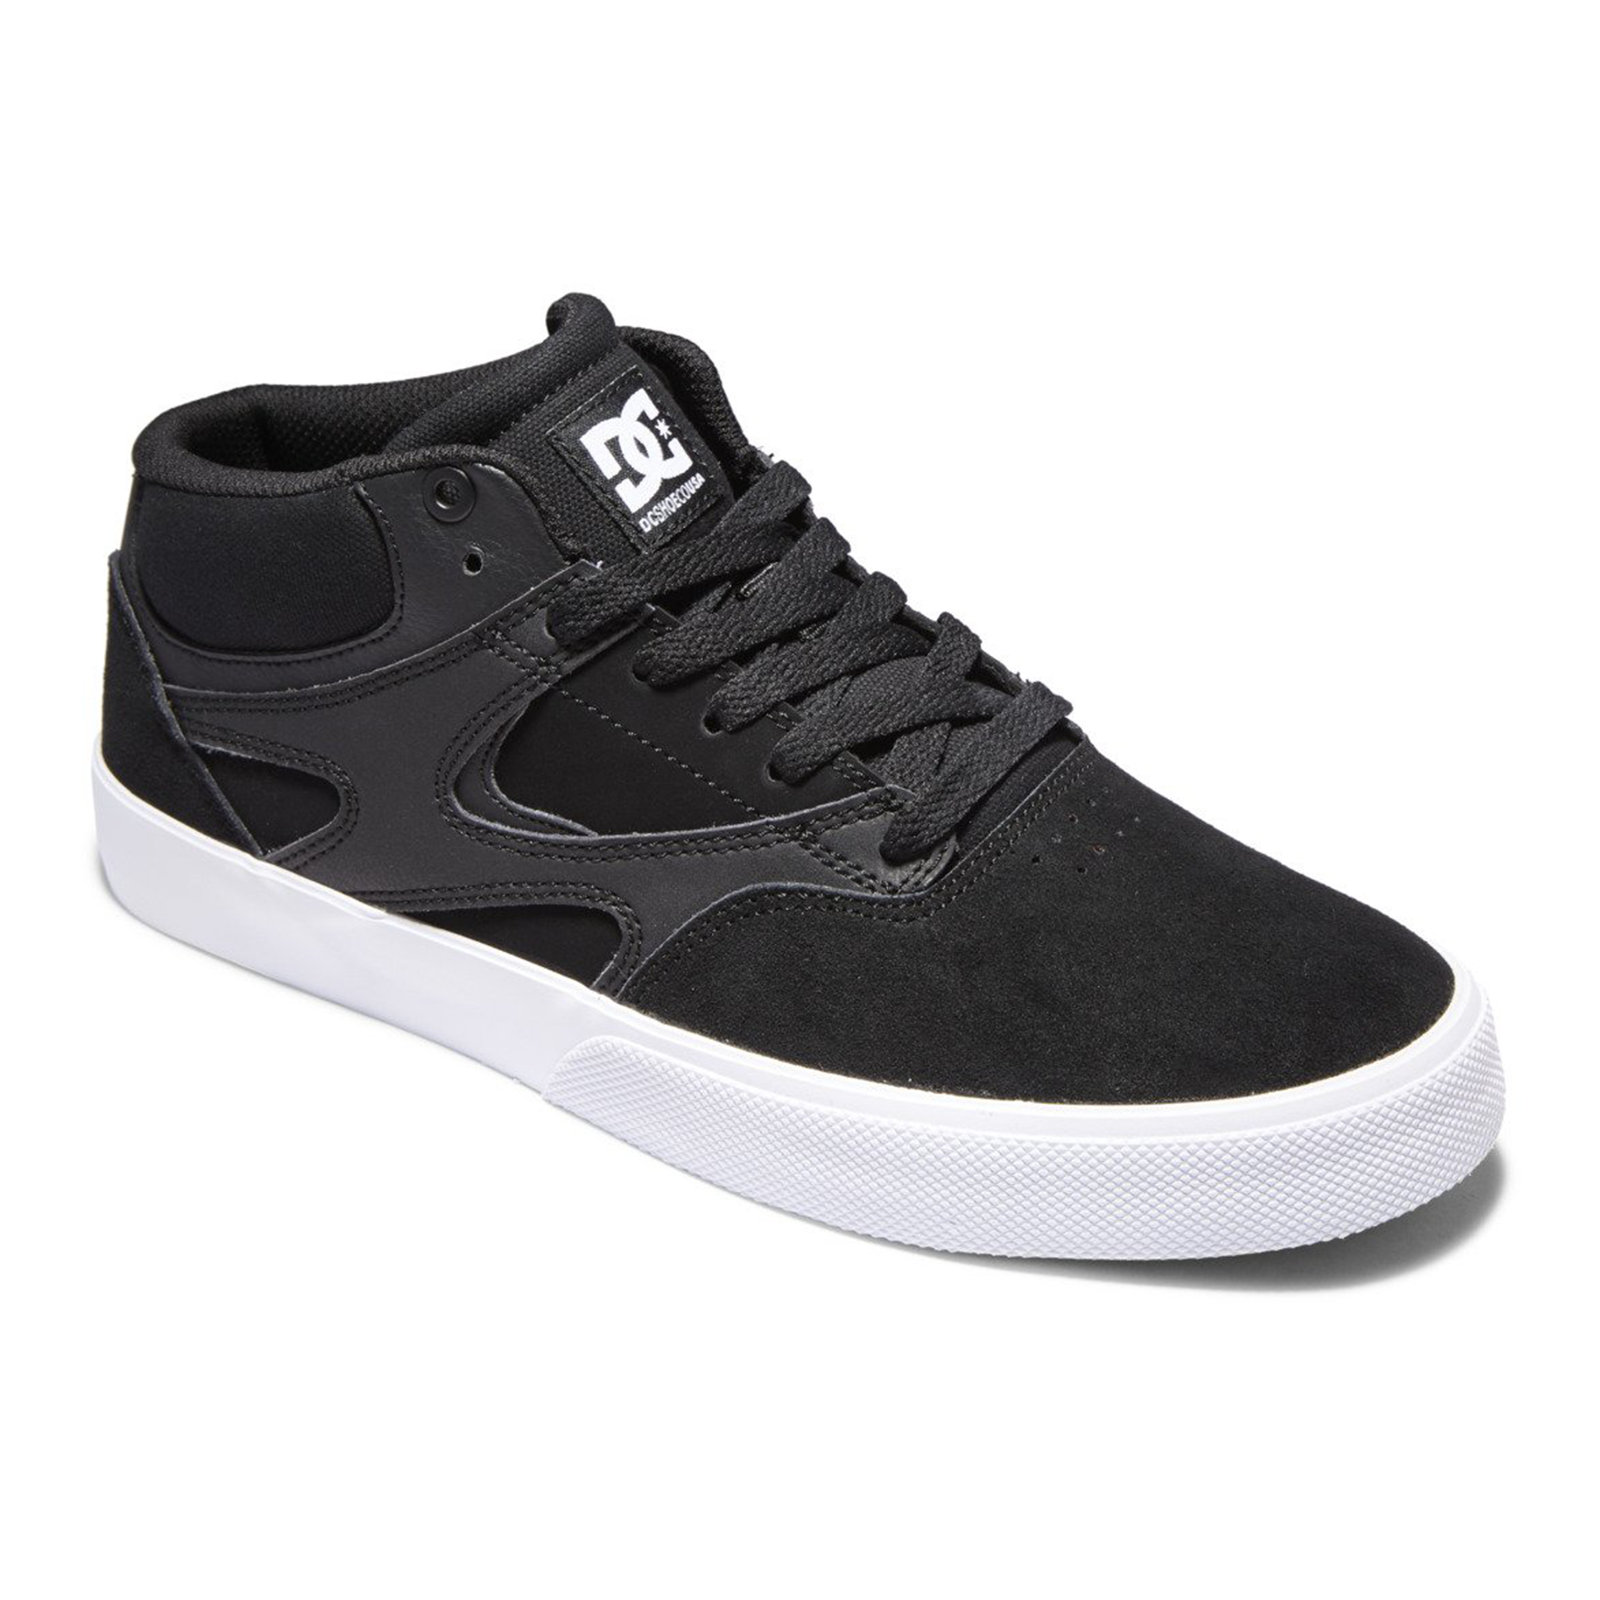 DC Kalis Vulc Mid Skateboard Shoe